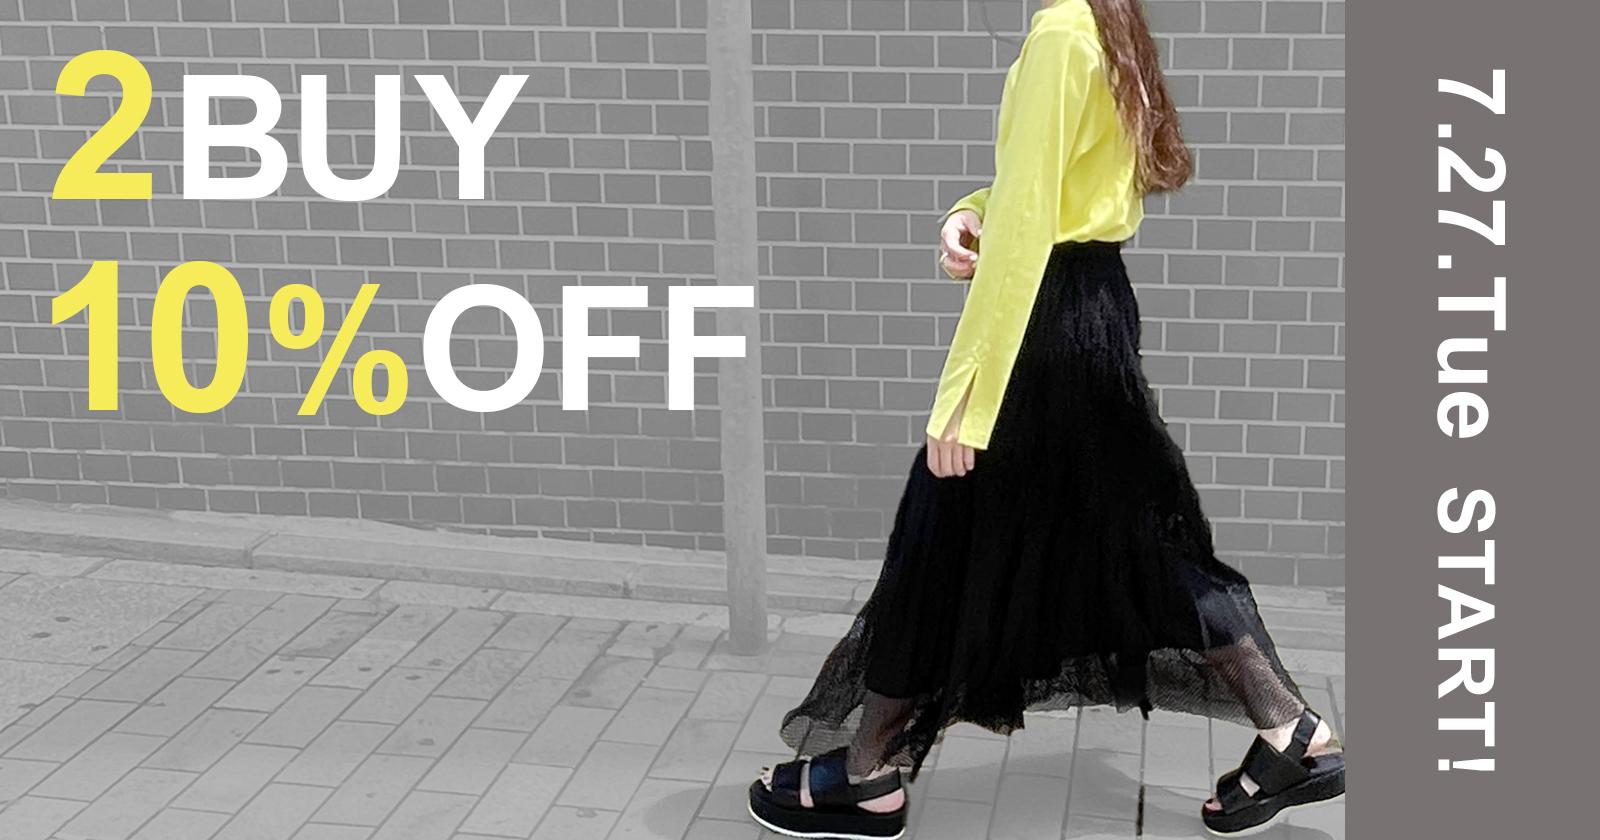 レディースファッションブランドENTO(エント)2021年春夏、大好評のENTOサマーセール!2BUY10%OFF開催中!今すぐ着られる夏のアイテムが更にお買い得に!